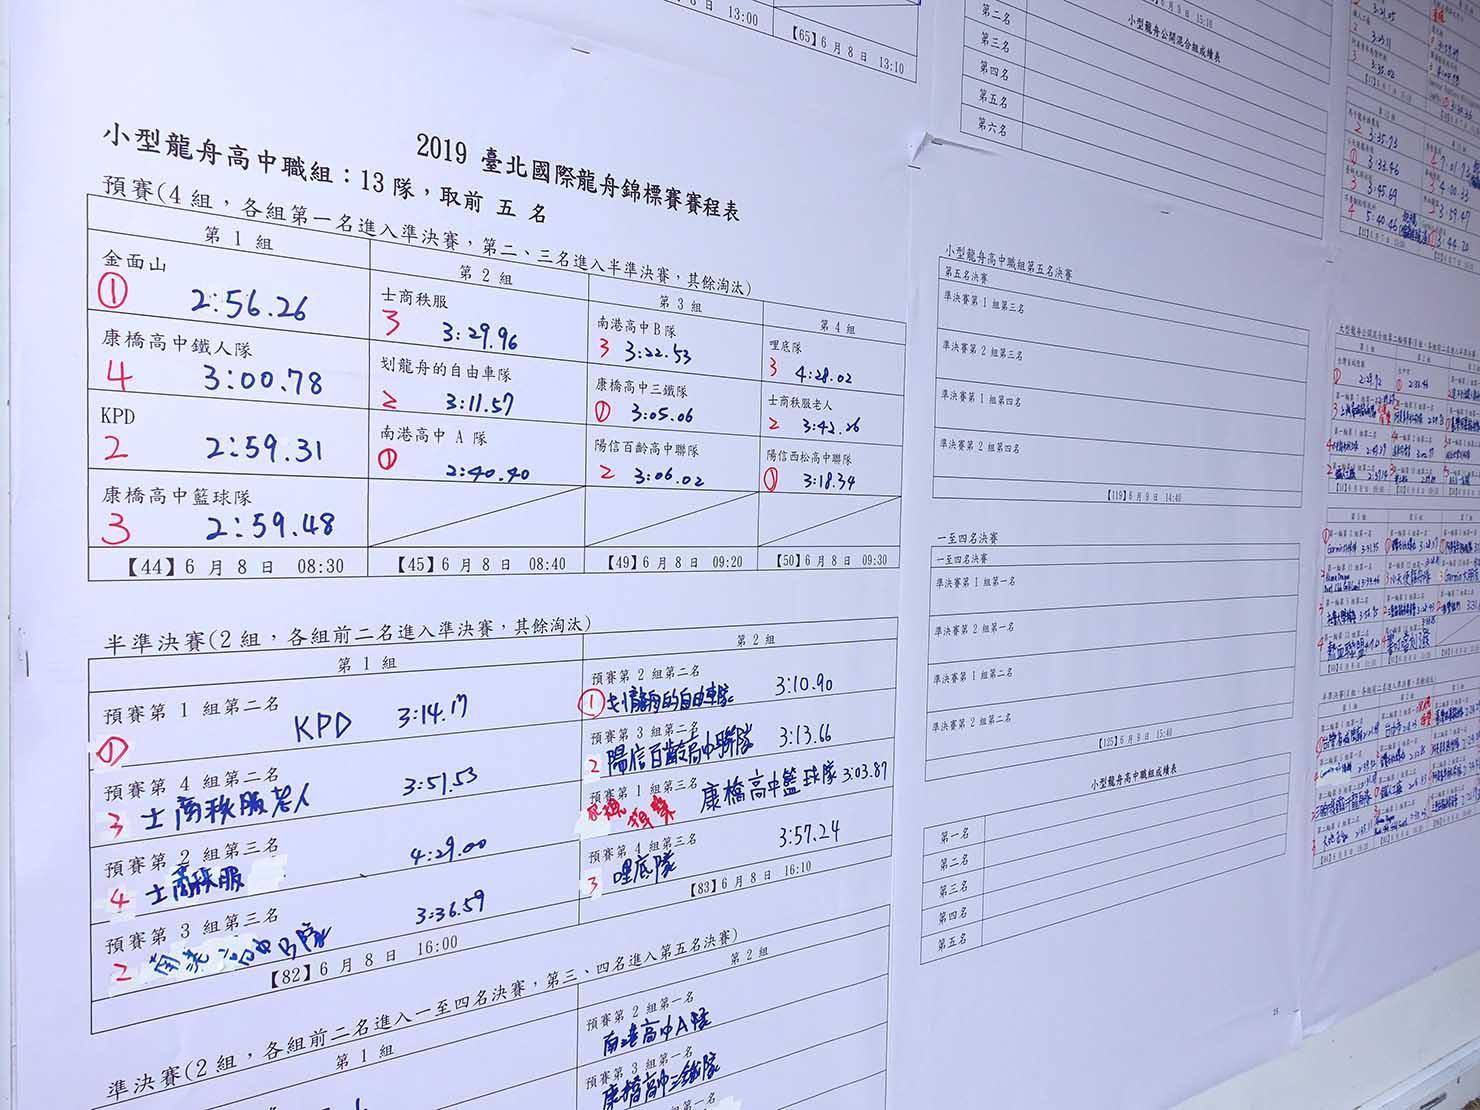 端午節の台北で行われた「龍舟競賽(ドラゴンボートレース)」の試合結果